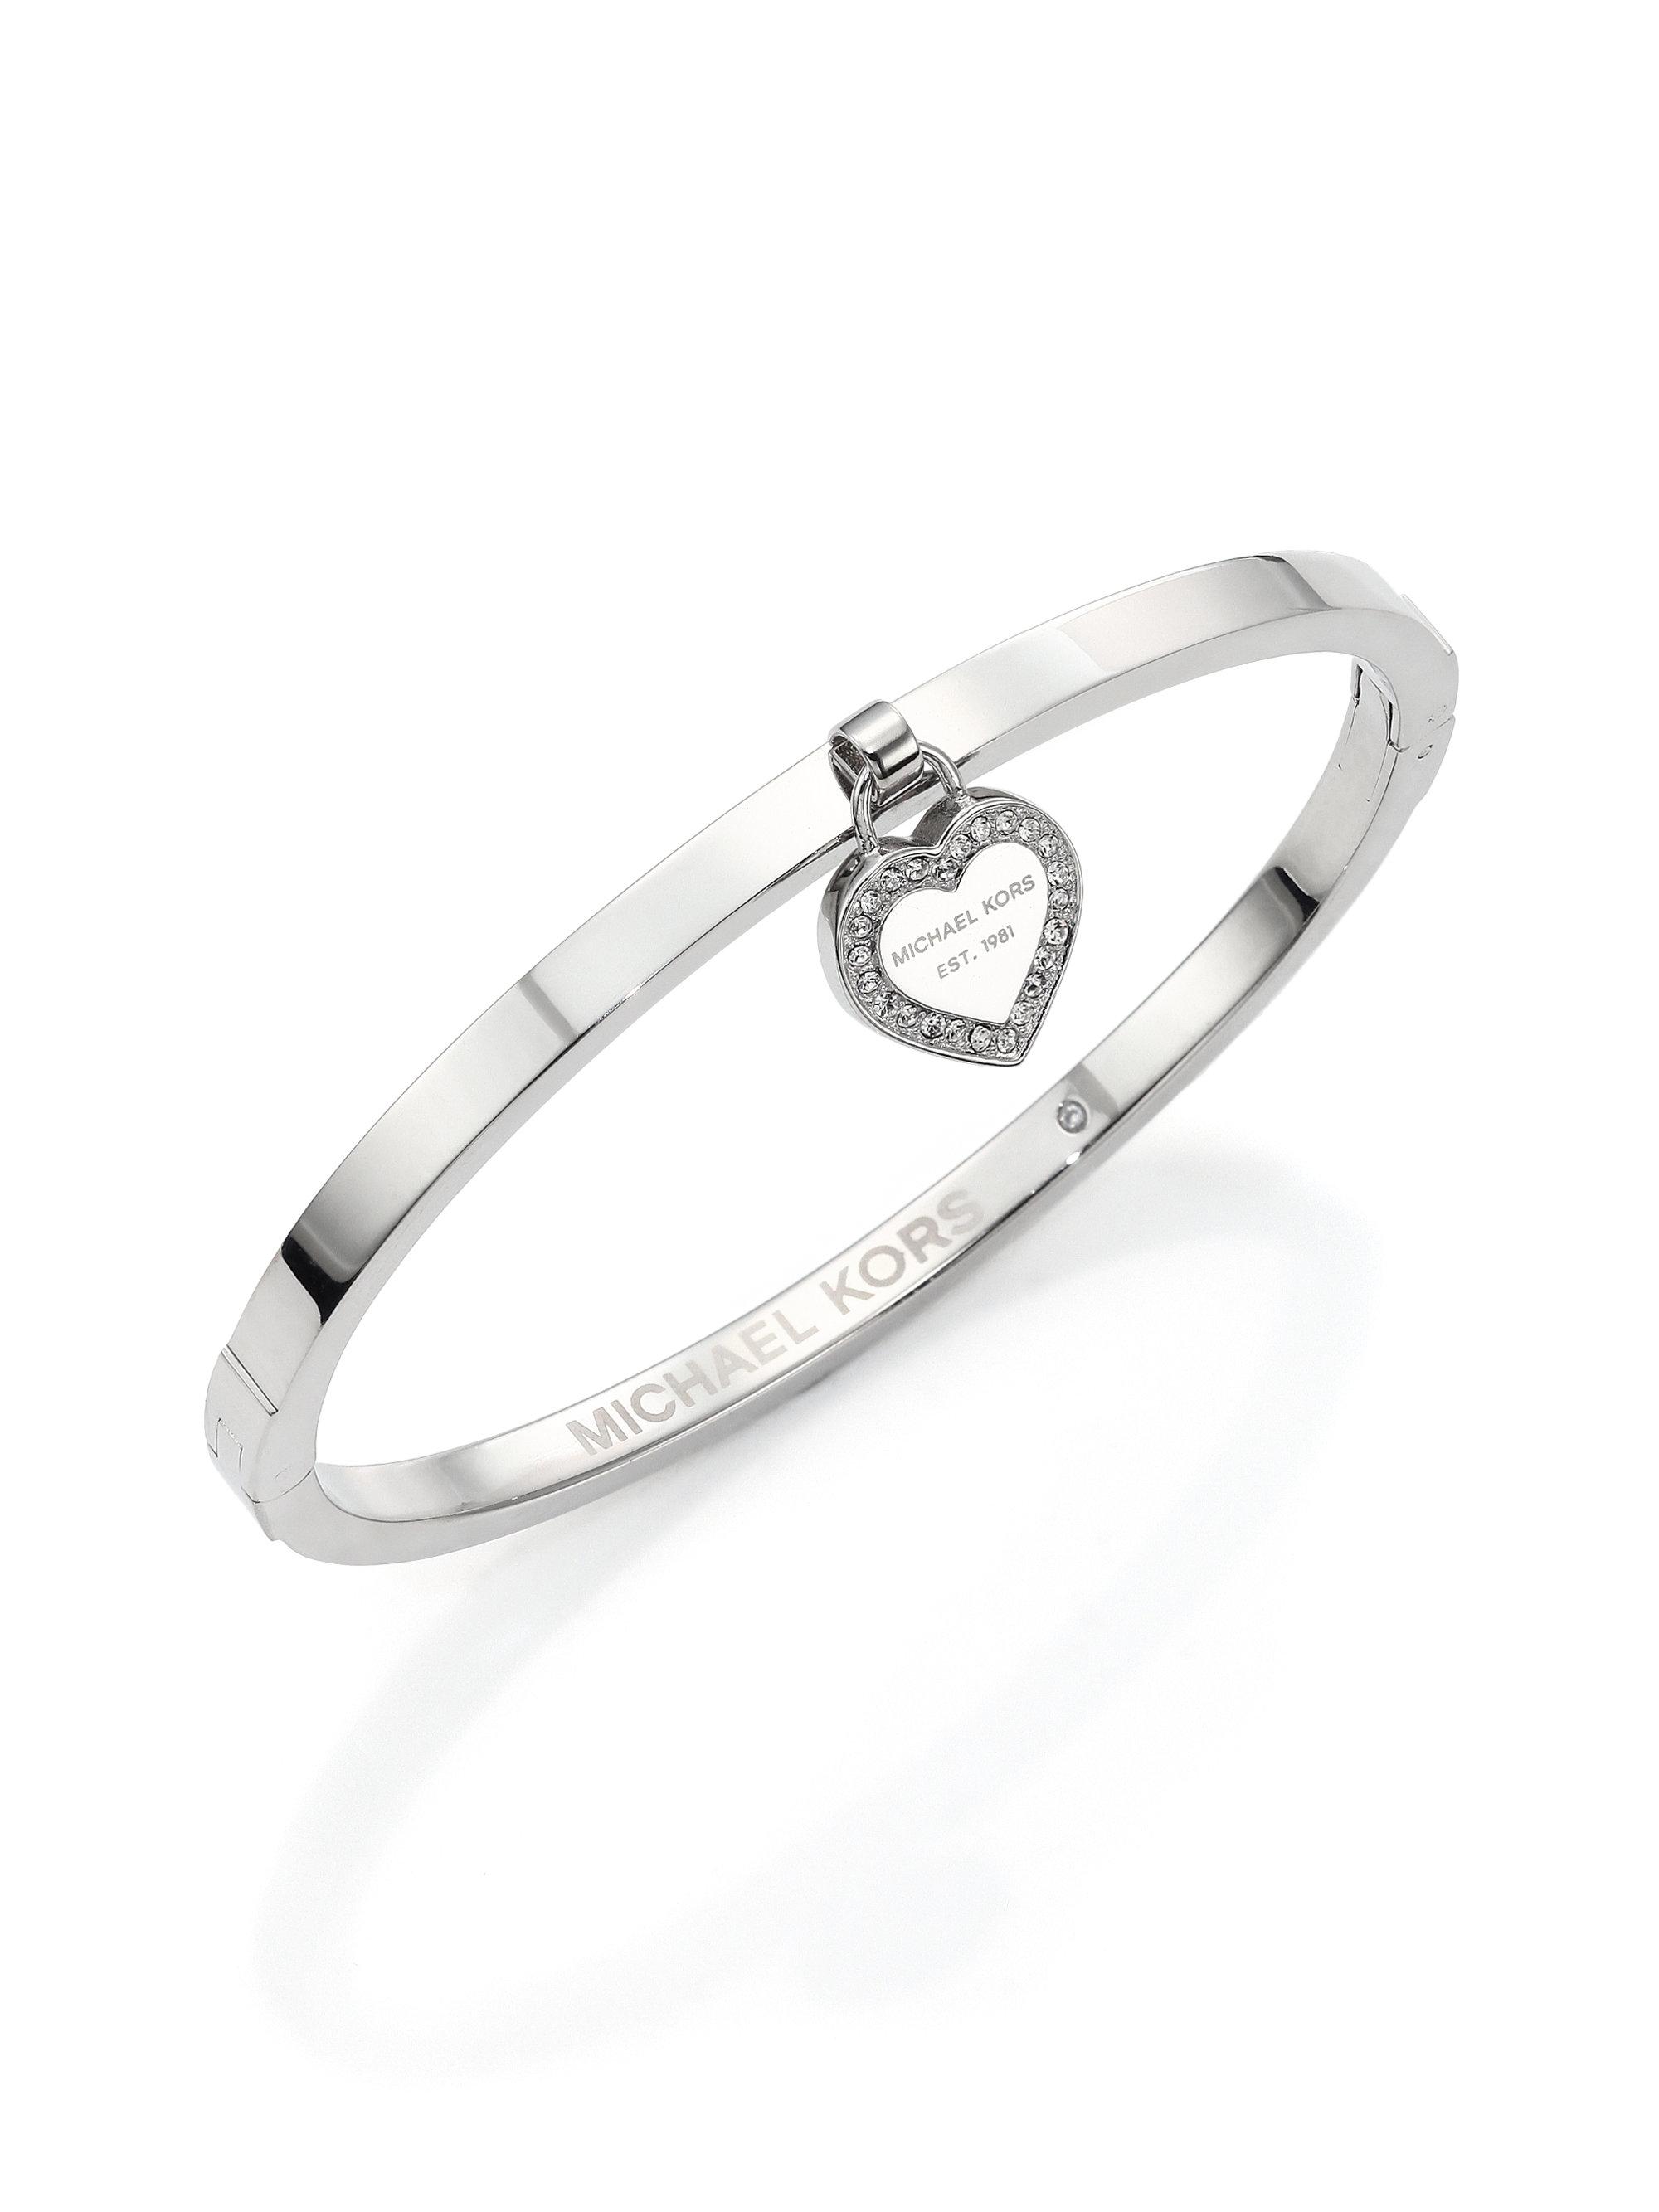 michael kors heritage logo heart charm bangle bracelet. Black Bedroom Furniture Sets. Home Design Ideas